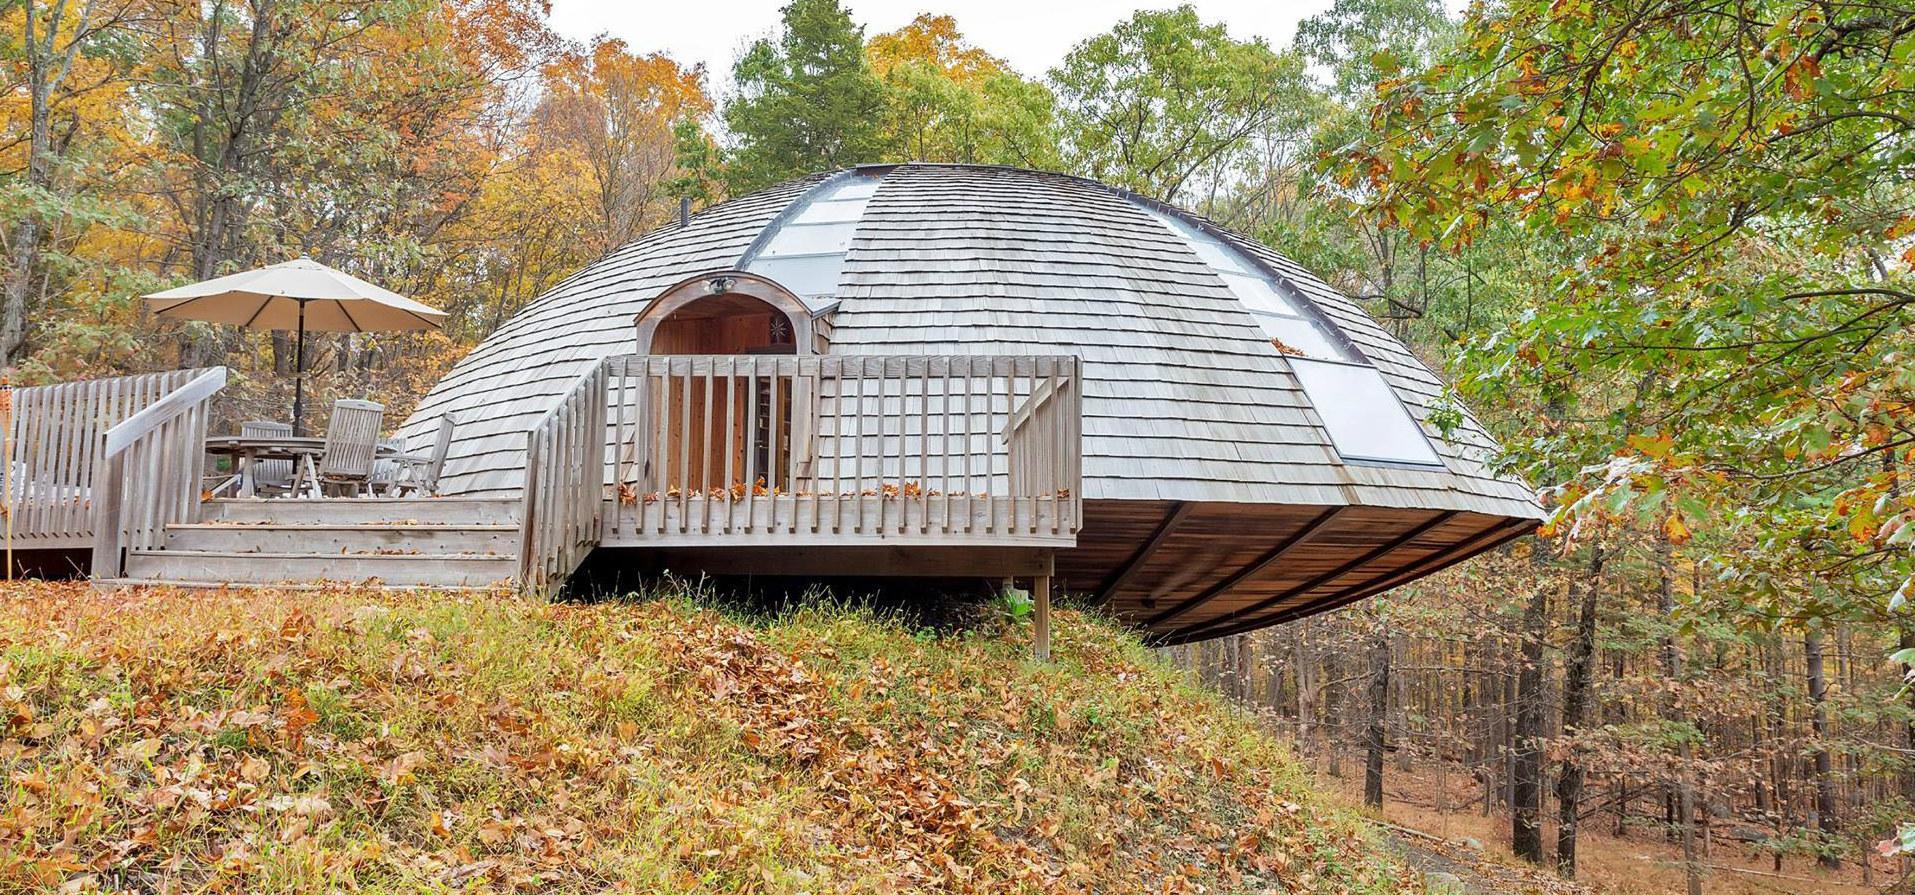 Casas de ensue o una vivienda ecol gica de lujo con forma - Casas de ensueno ...